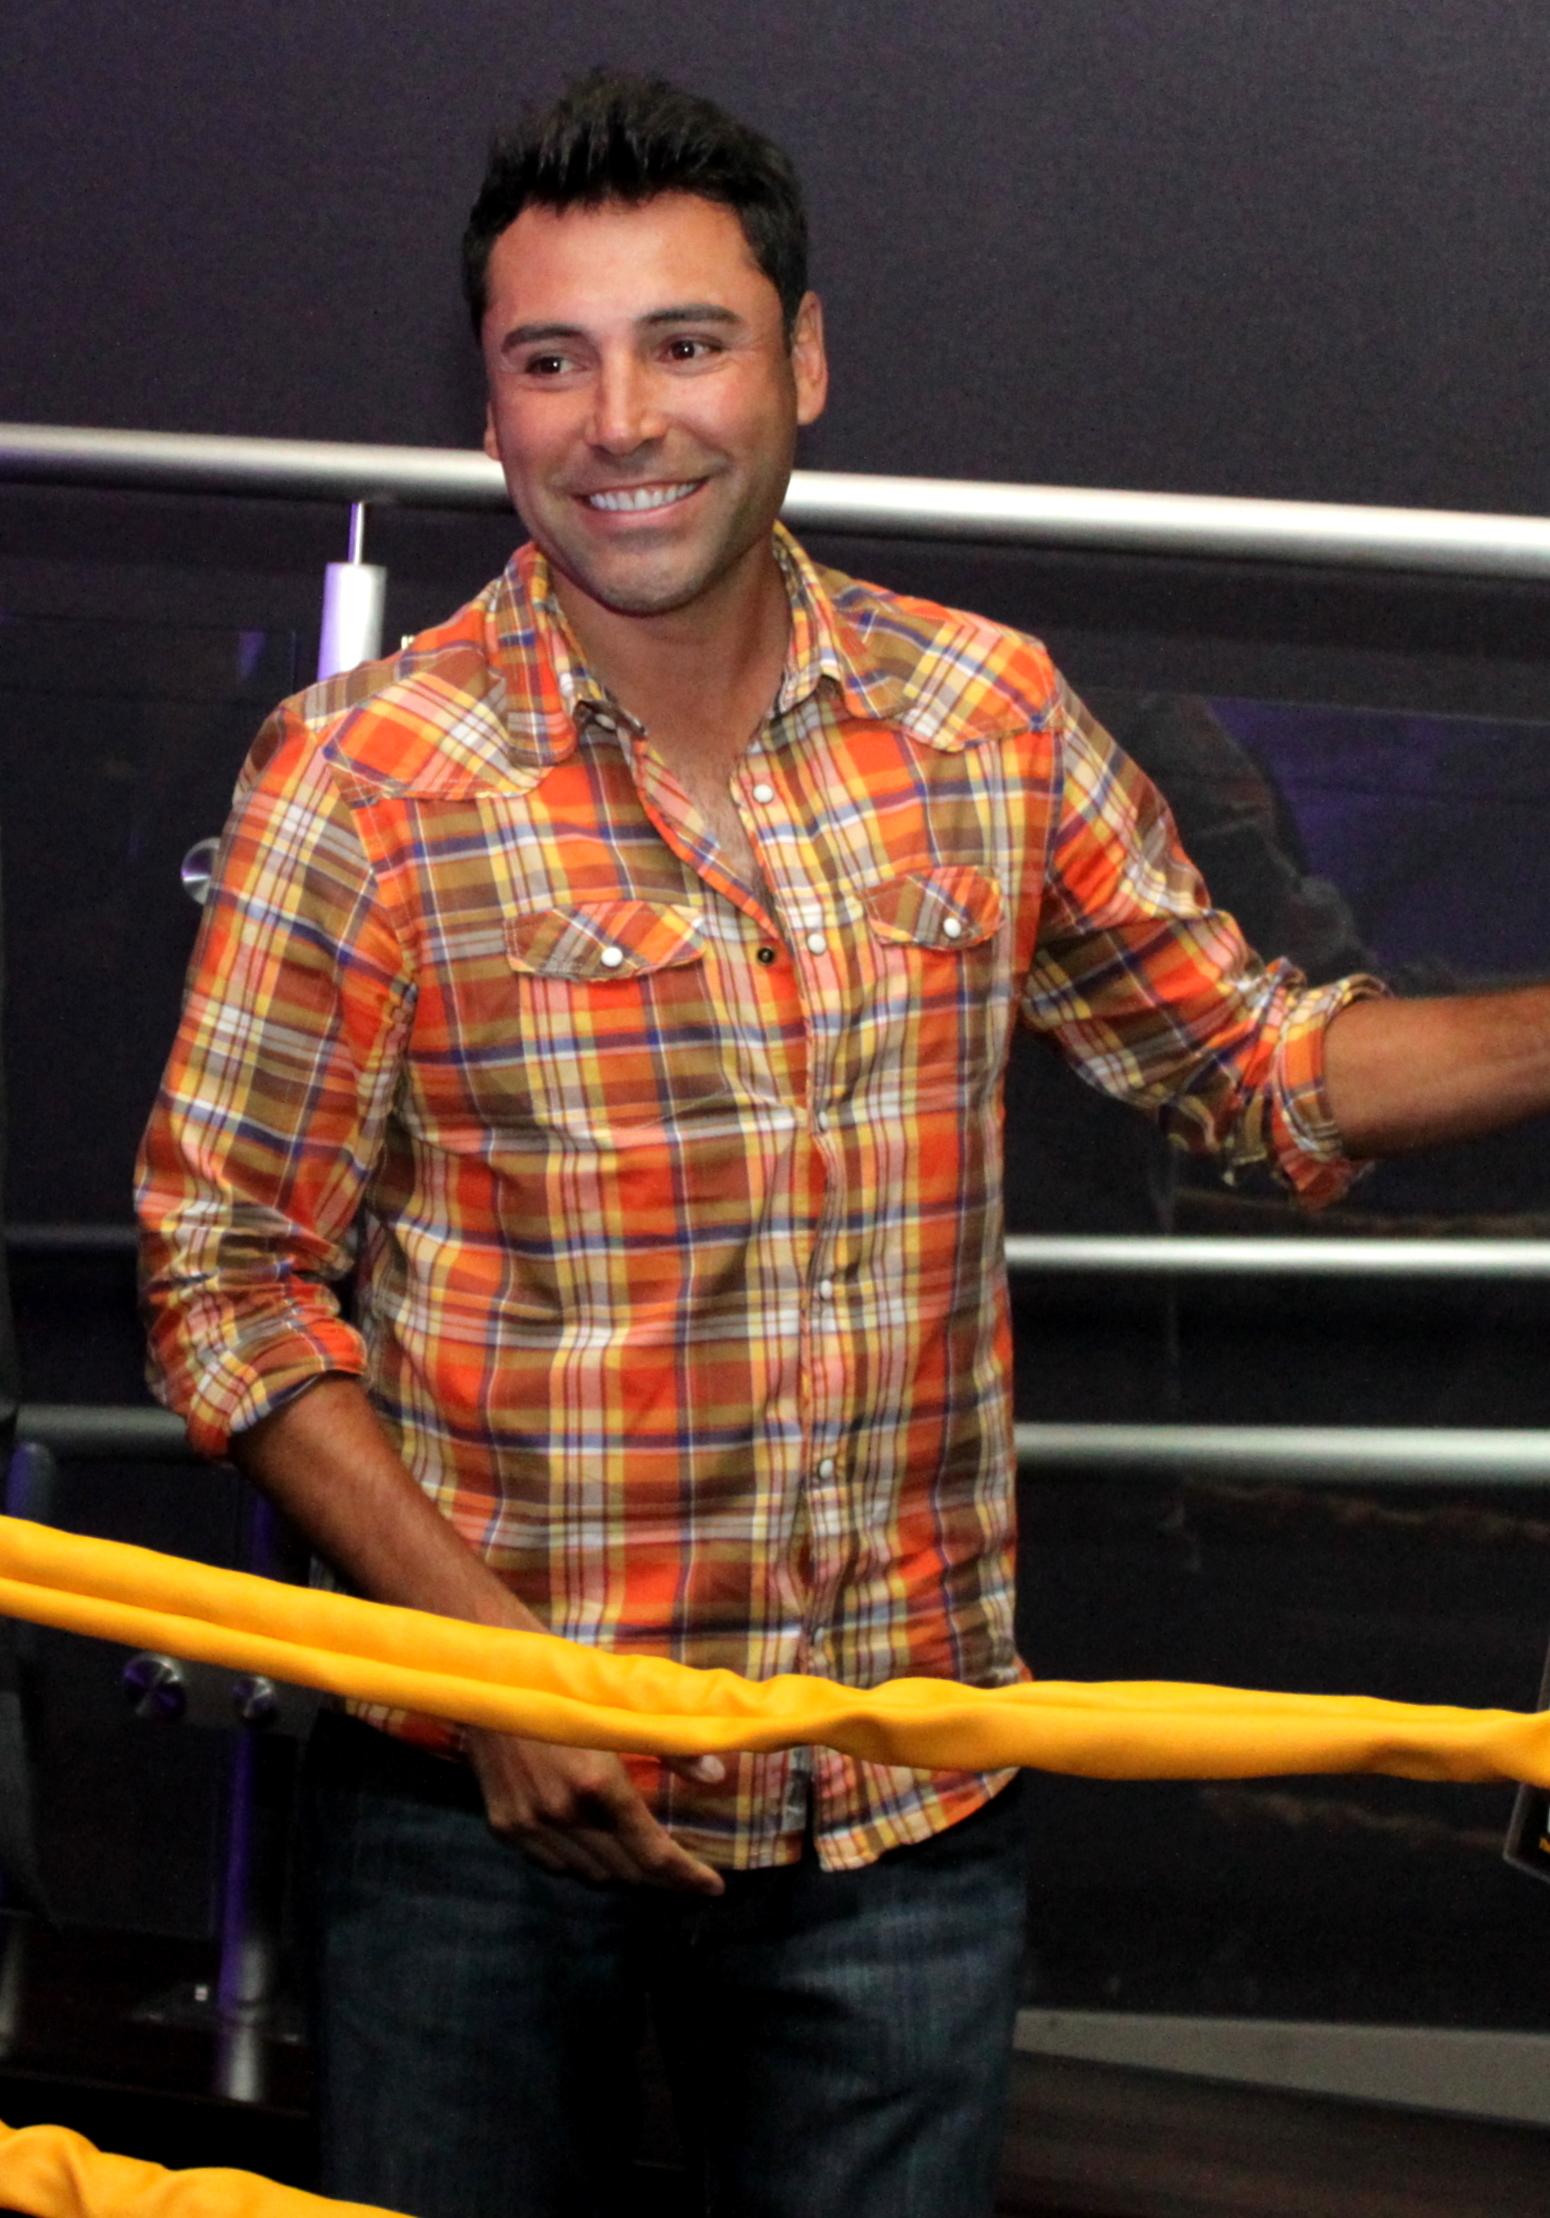 http://upload.wikimedia.org/wikipedia/commons/6/6a/Oscar_De_La_Hoya,_Jul_2010.jpg